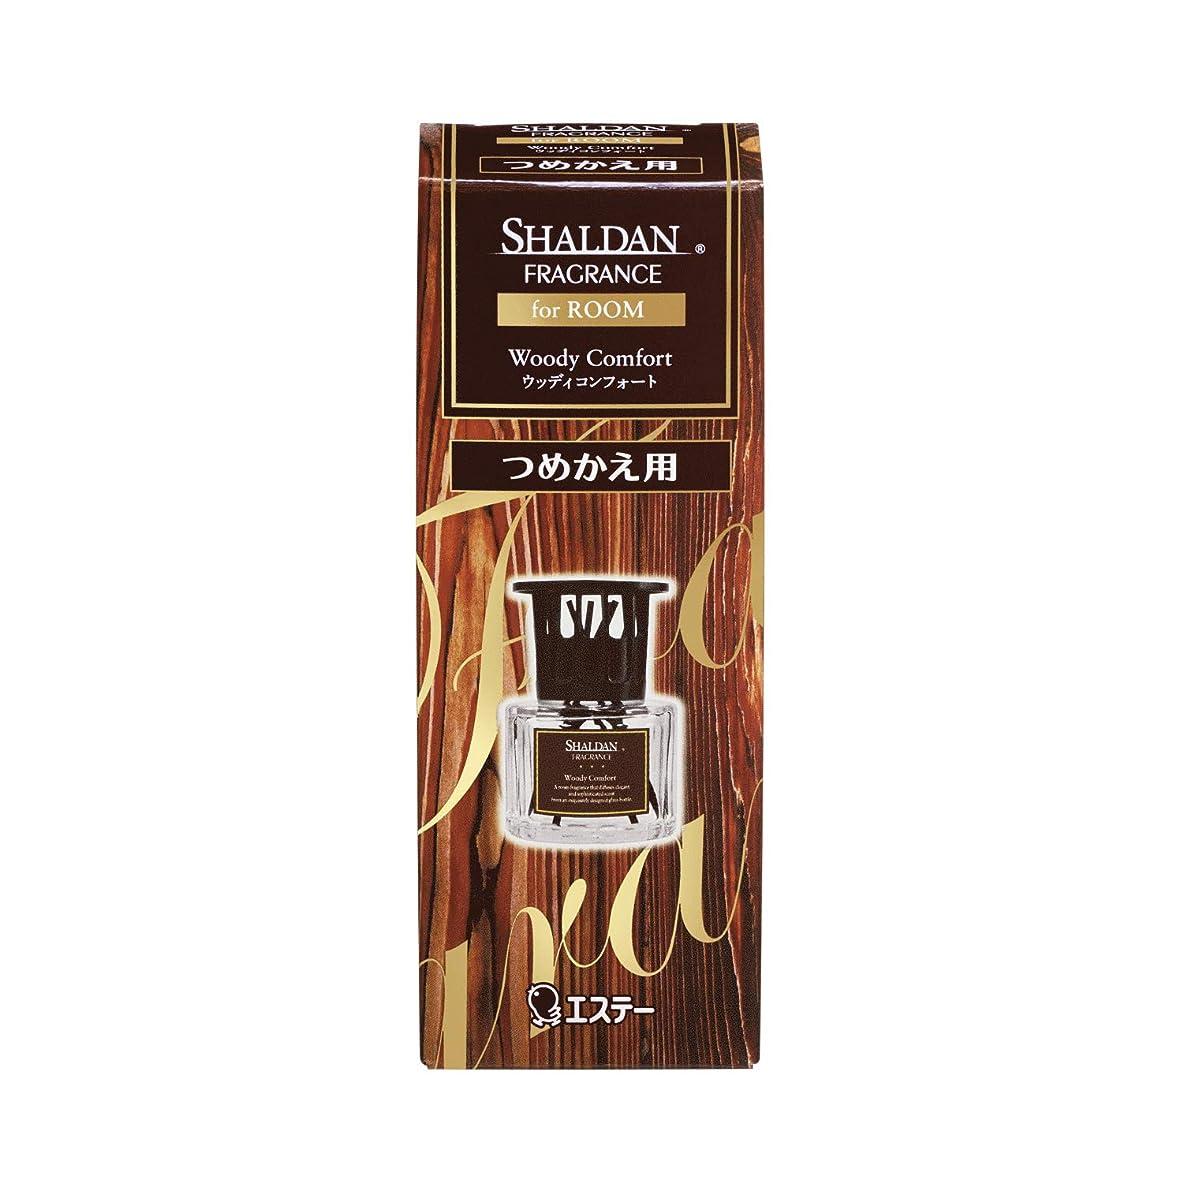 反対に事実絶え間ないシャルダン SHALDAN フレグランス for ROOM 芳香剤 部屋用 つめかえ ウッディコンフォート 65mL